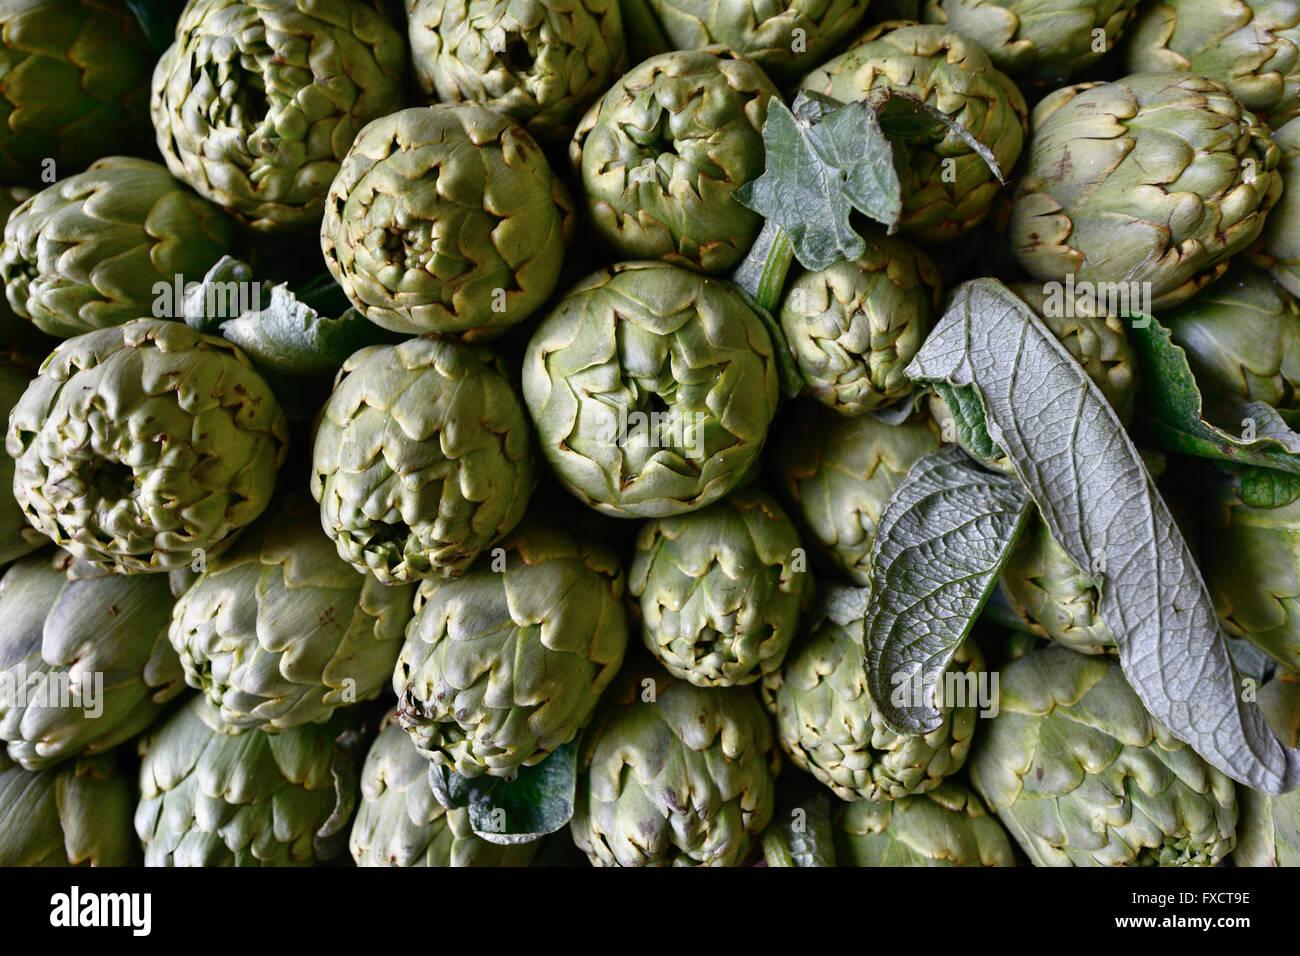 La alcachofa - Cynara cardunculus var. scolymus - es una variedad de una especie de cardo cultivado como alimento. Foto de stock